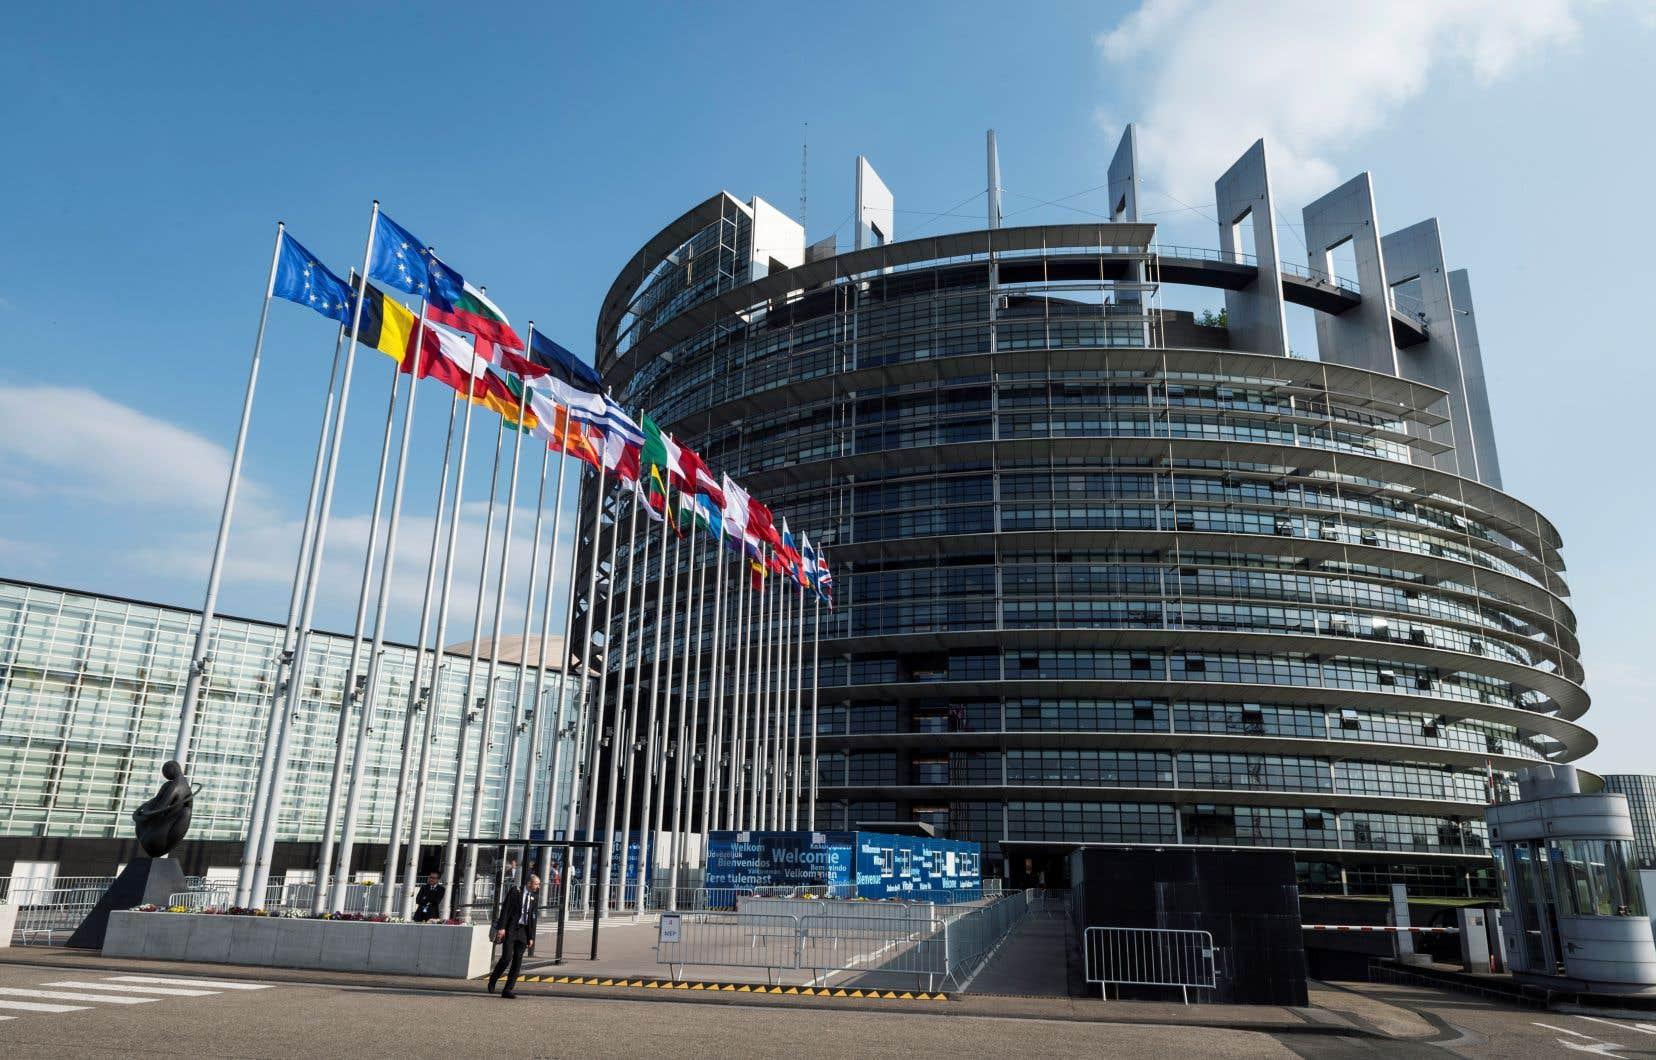 Avec ce rejet, le Parlement européen n'est pas autorisé à entamer des négociations sur cette réforme avec les États membres et la Commission.